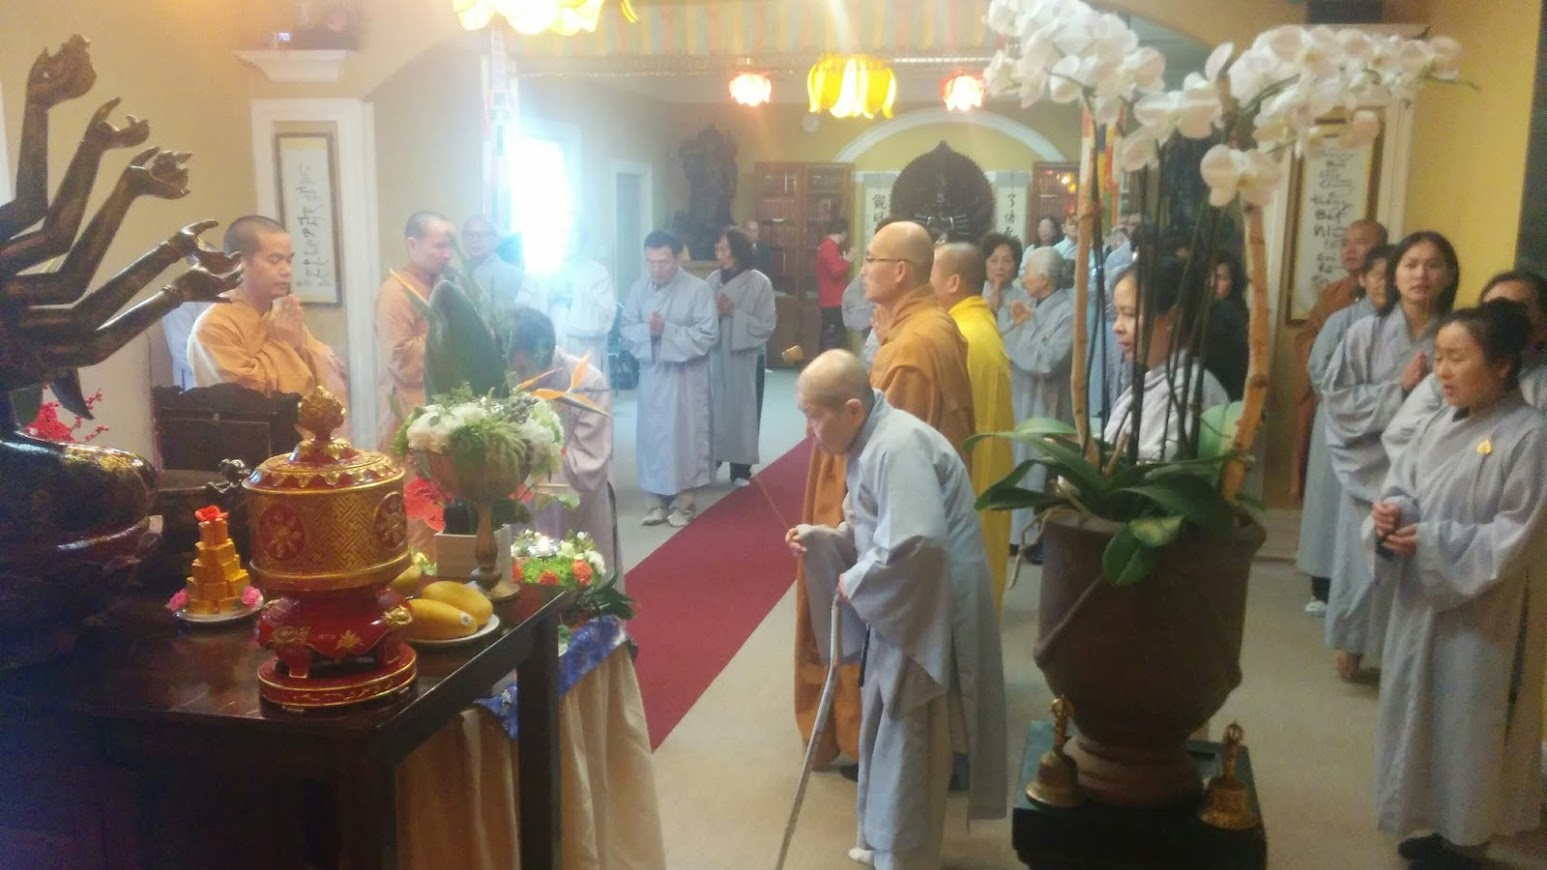 Hoa Kỳ: Trung tâm Văn Hóa Phật Giáo Liễu Quán tưởng niệm HT Thích Thiện Bình